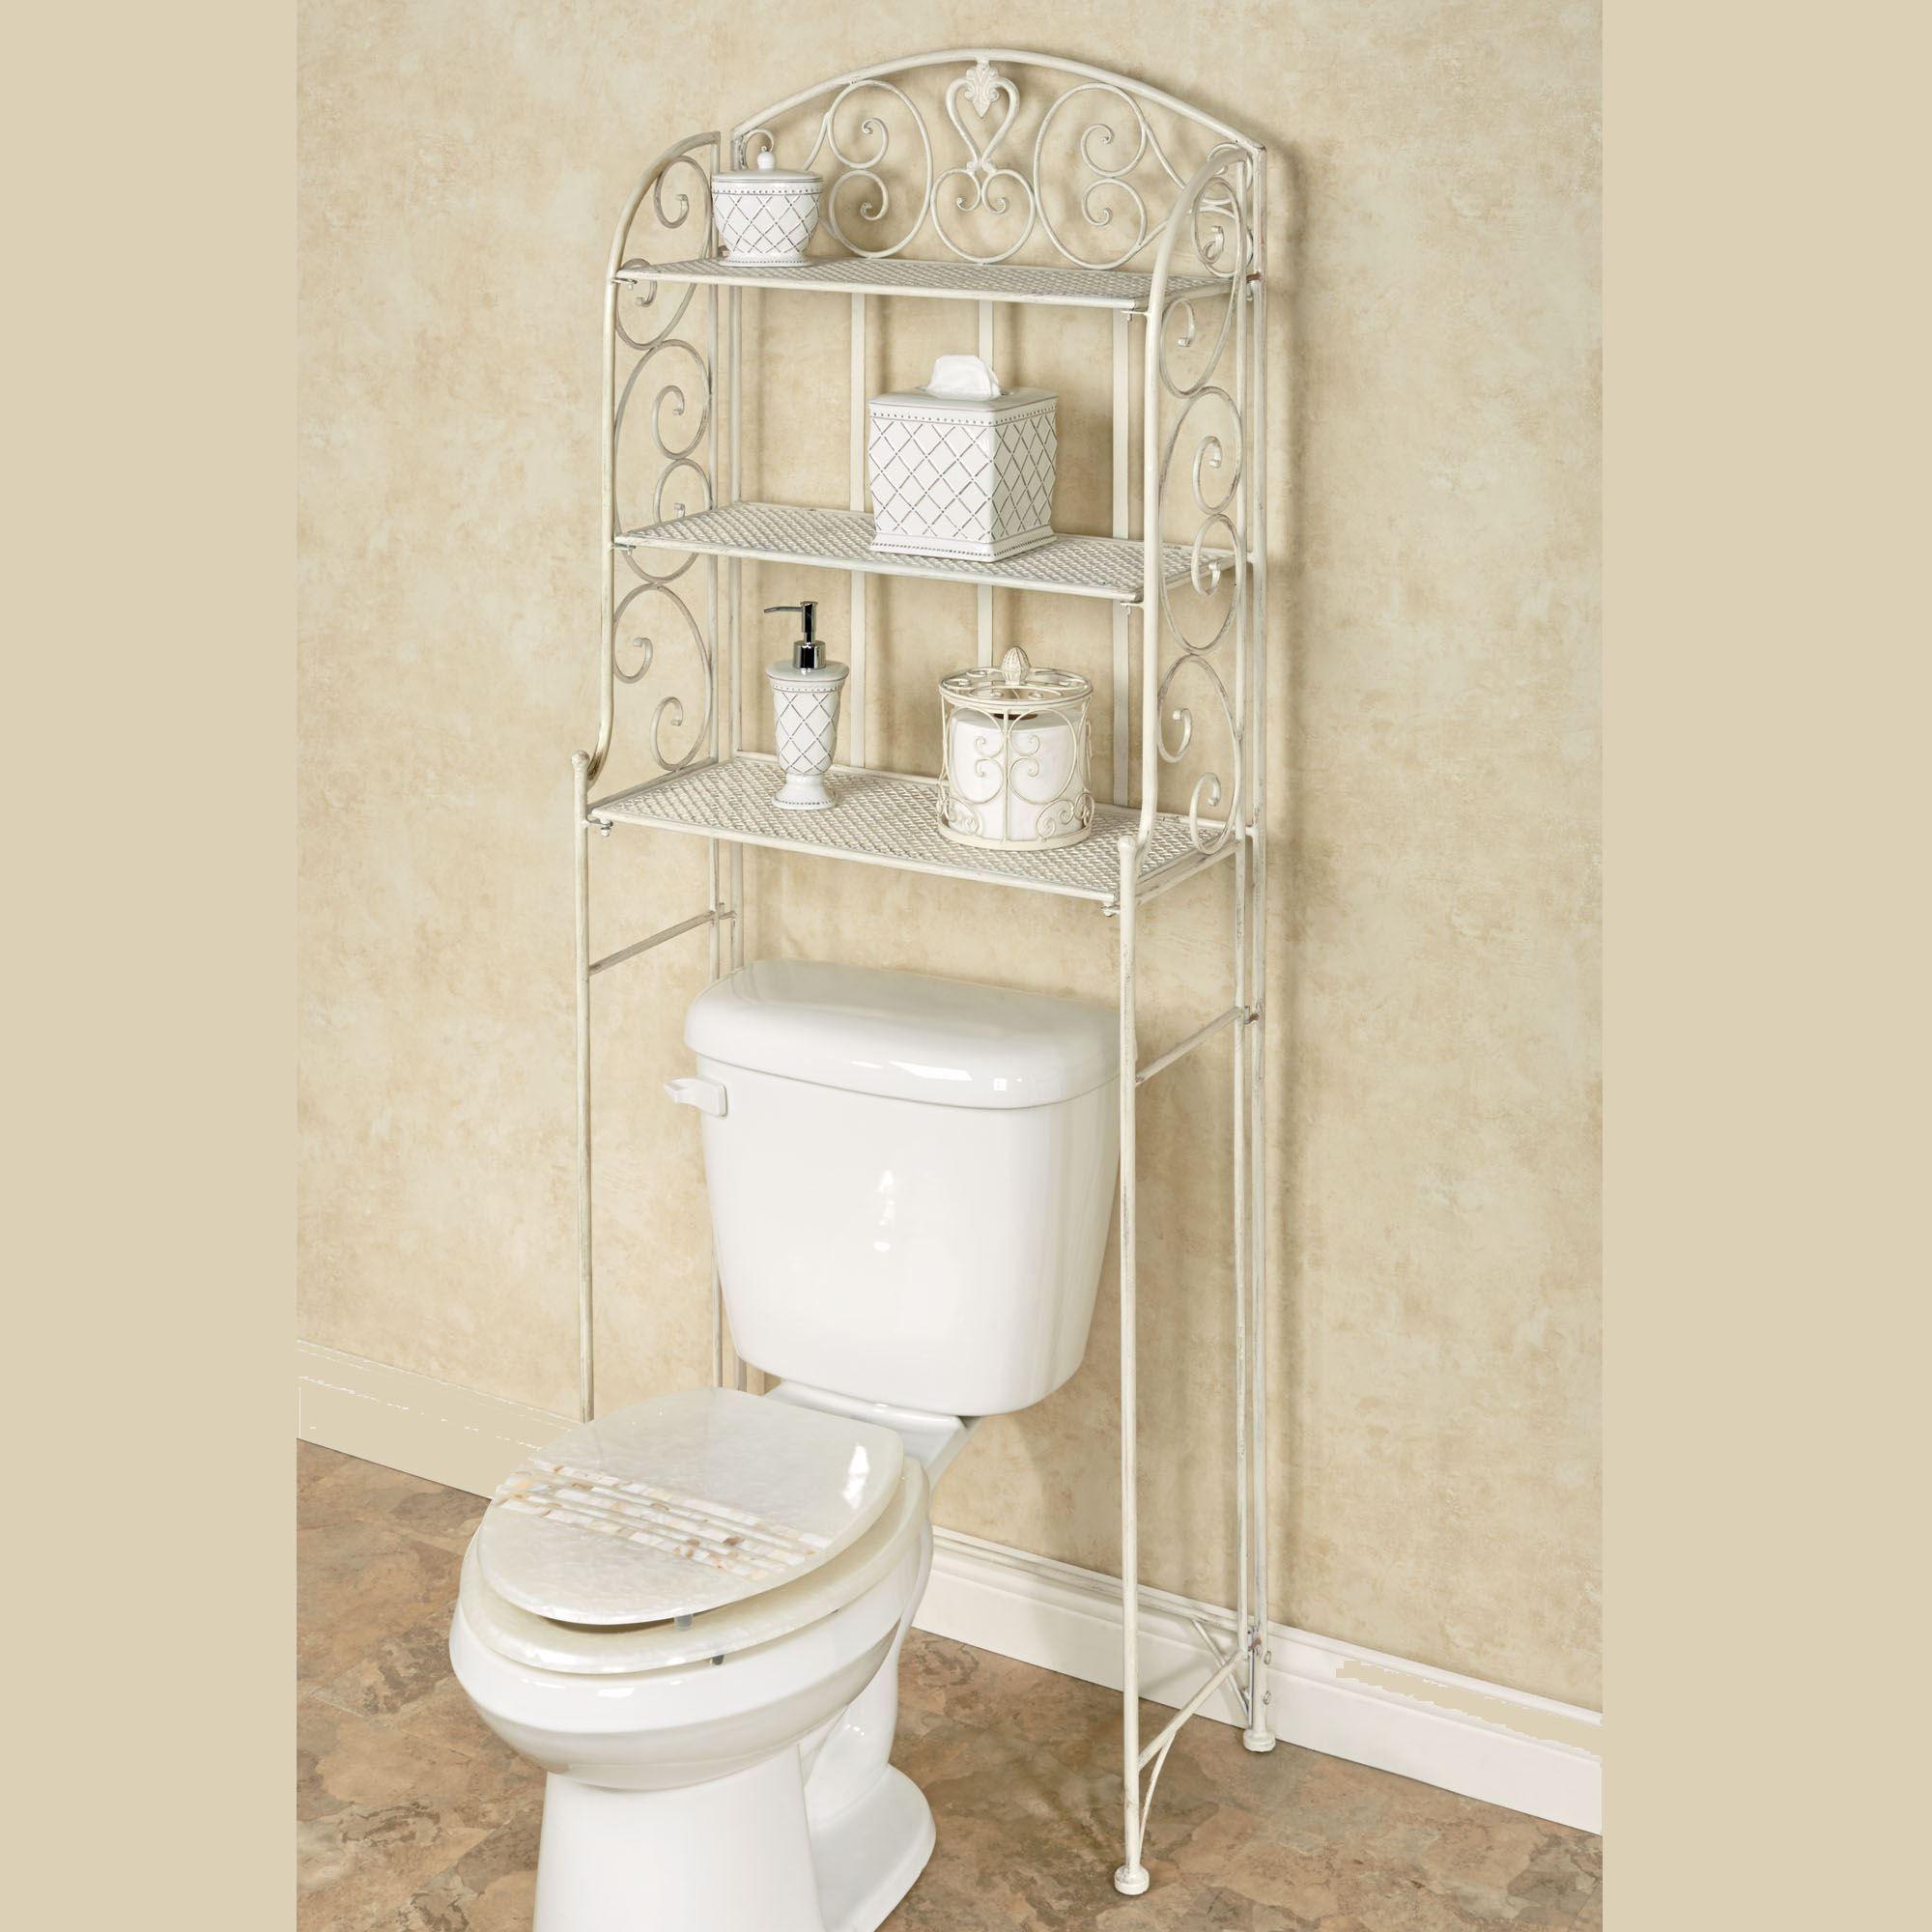 Aldabella Creamy Gold Bathroom Space Saver, White Bathroom Space Saver